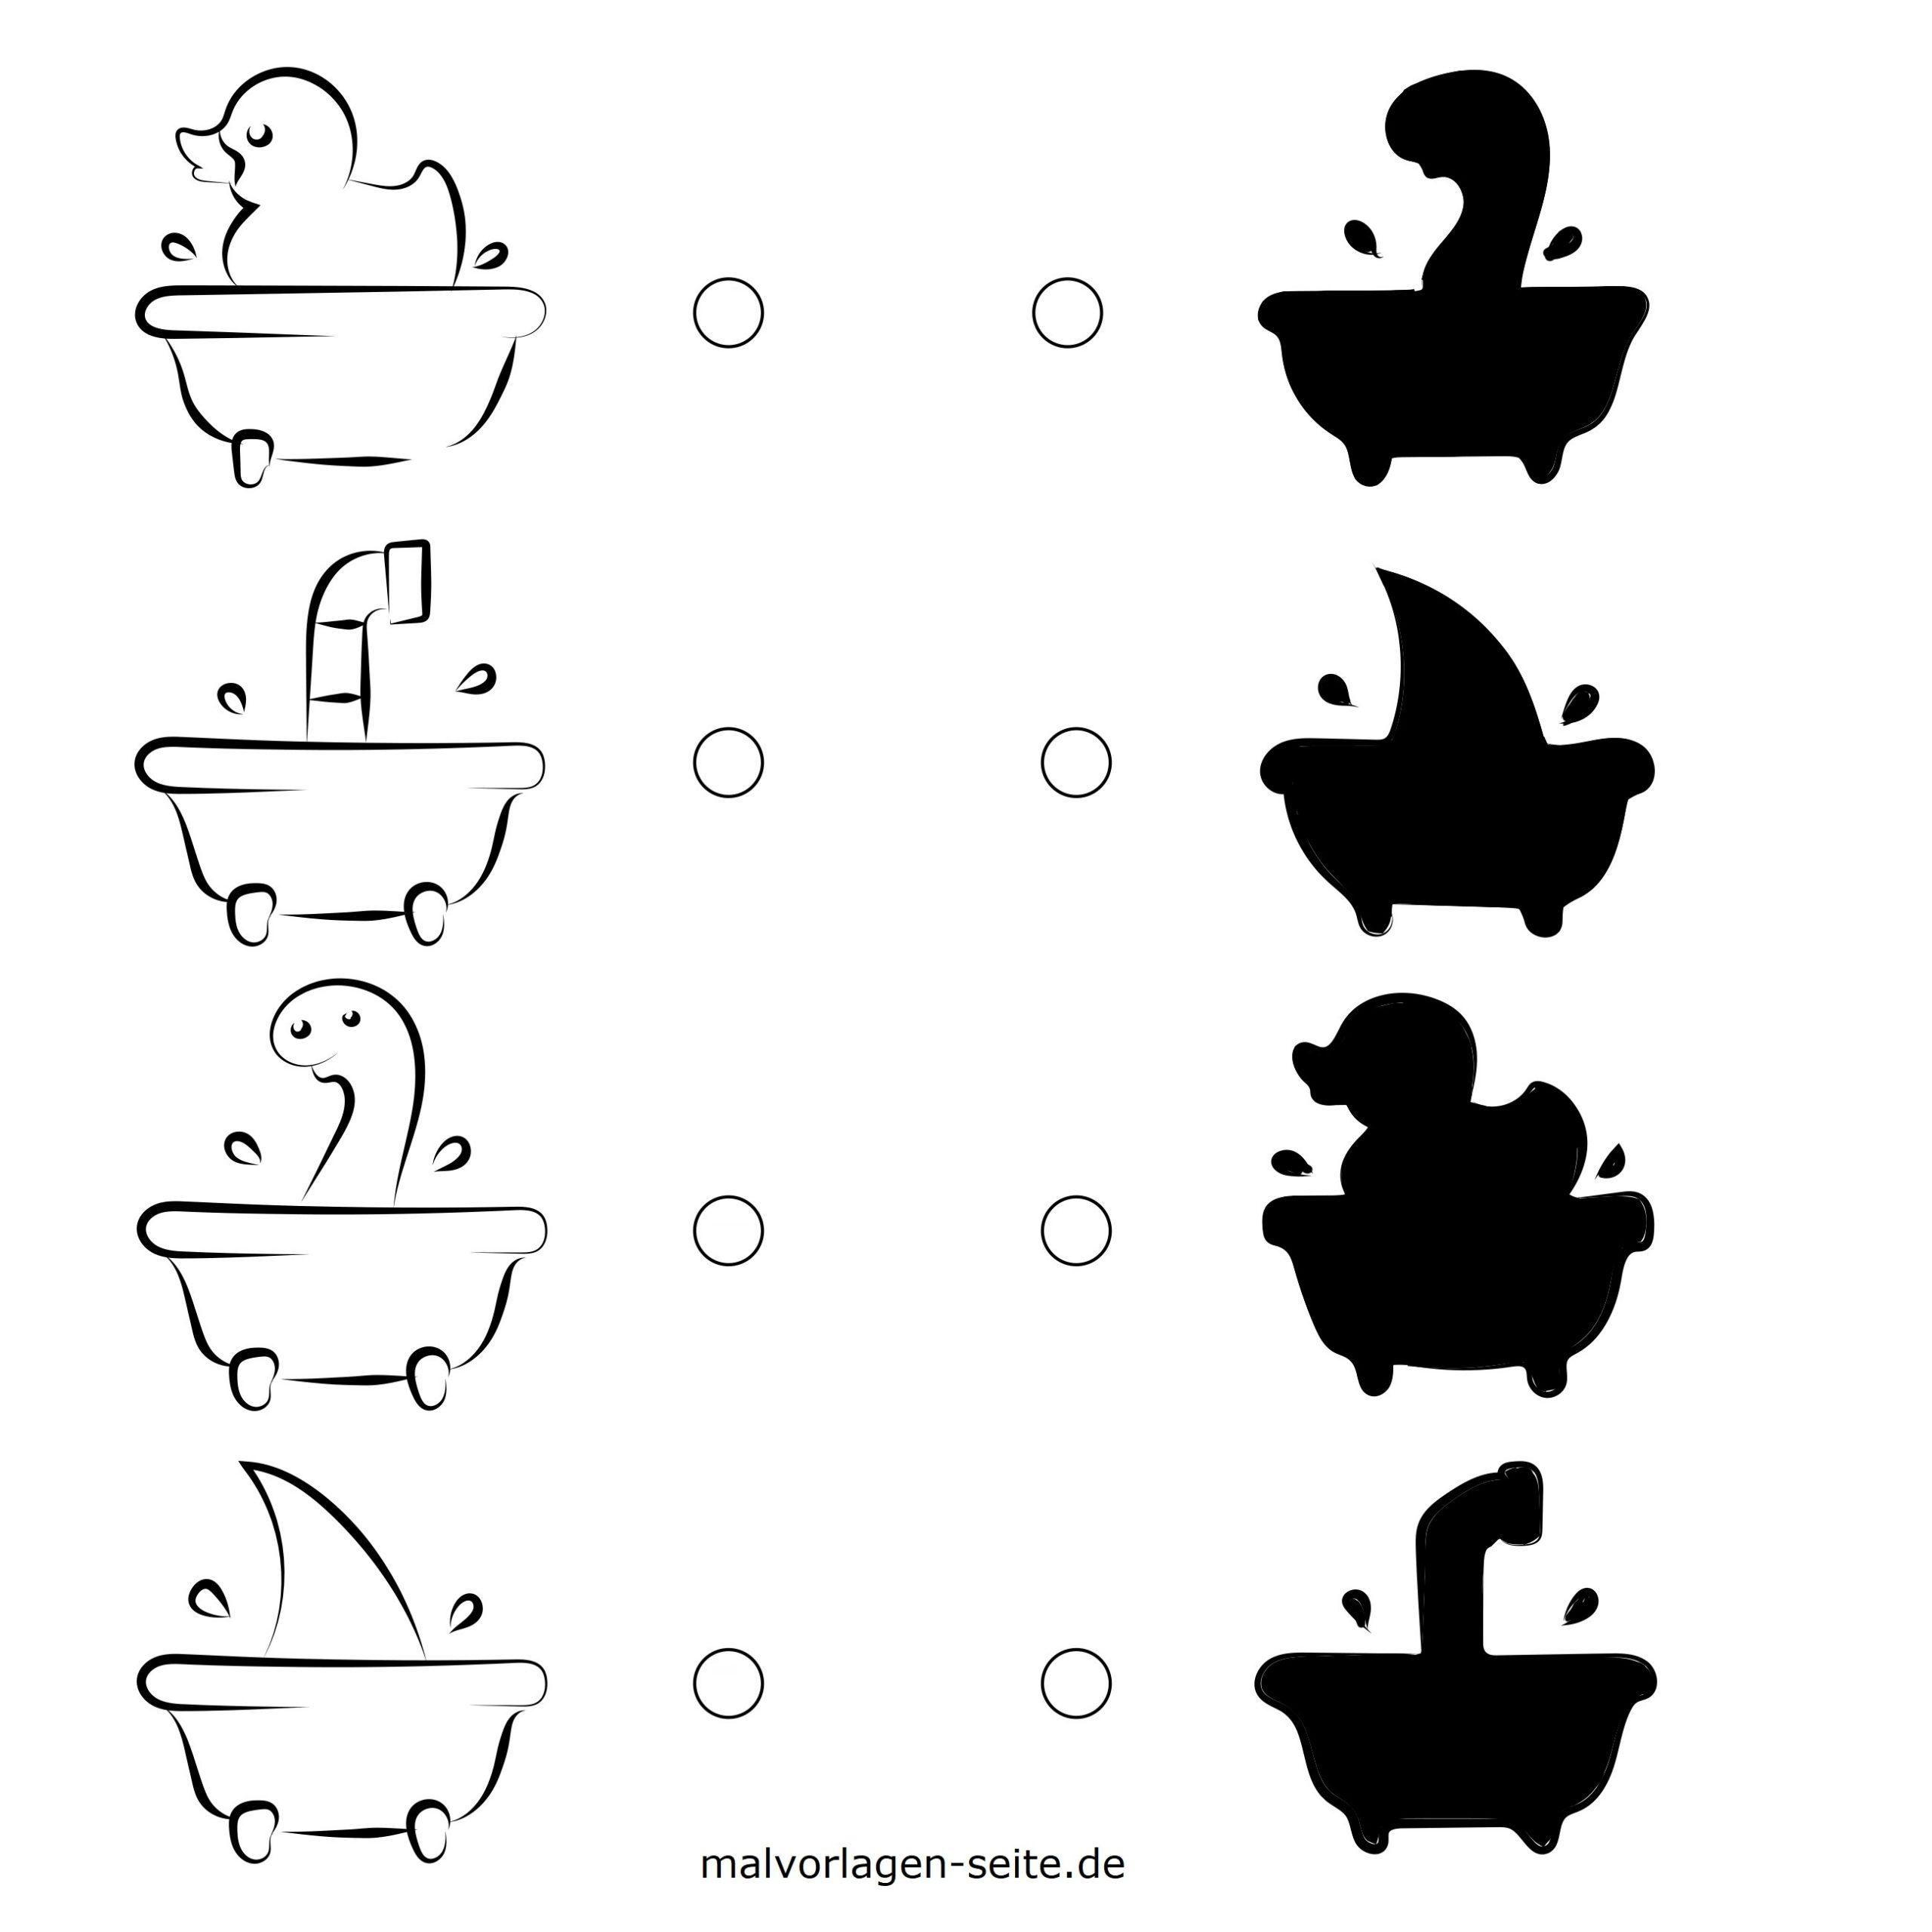 Schattenrätsel Für Kinder | Rätsel - Ausmalbilder Kostenlos innen Rätsel Für Kindergeburtstag